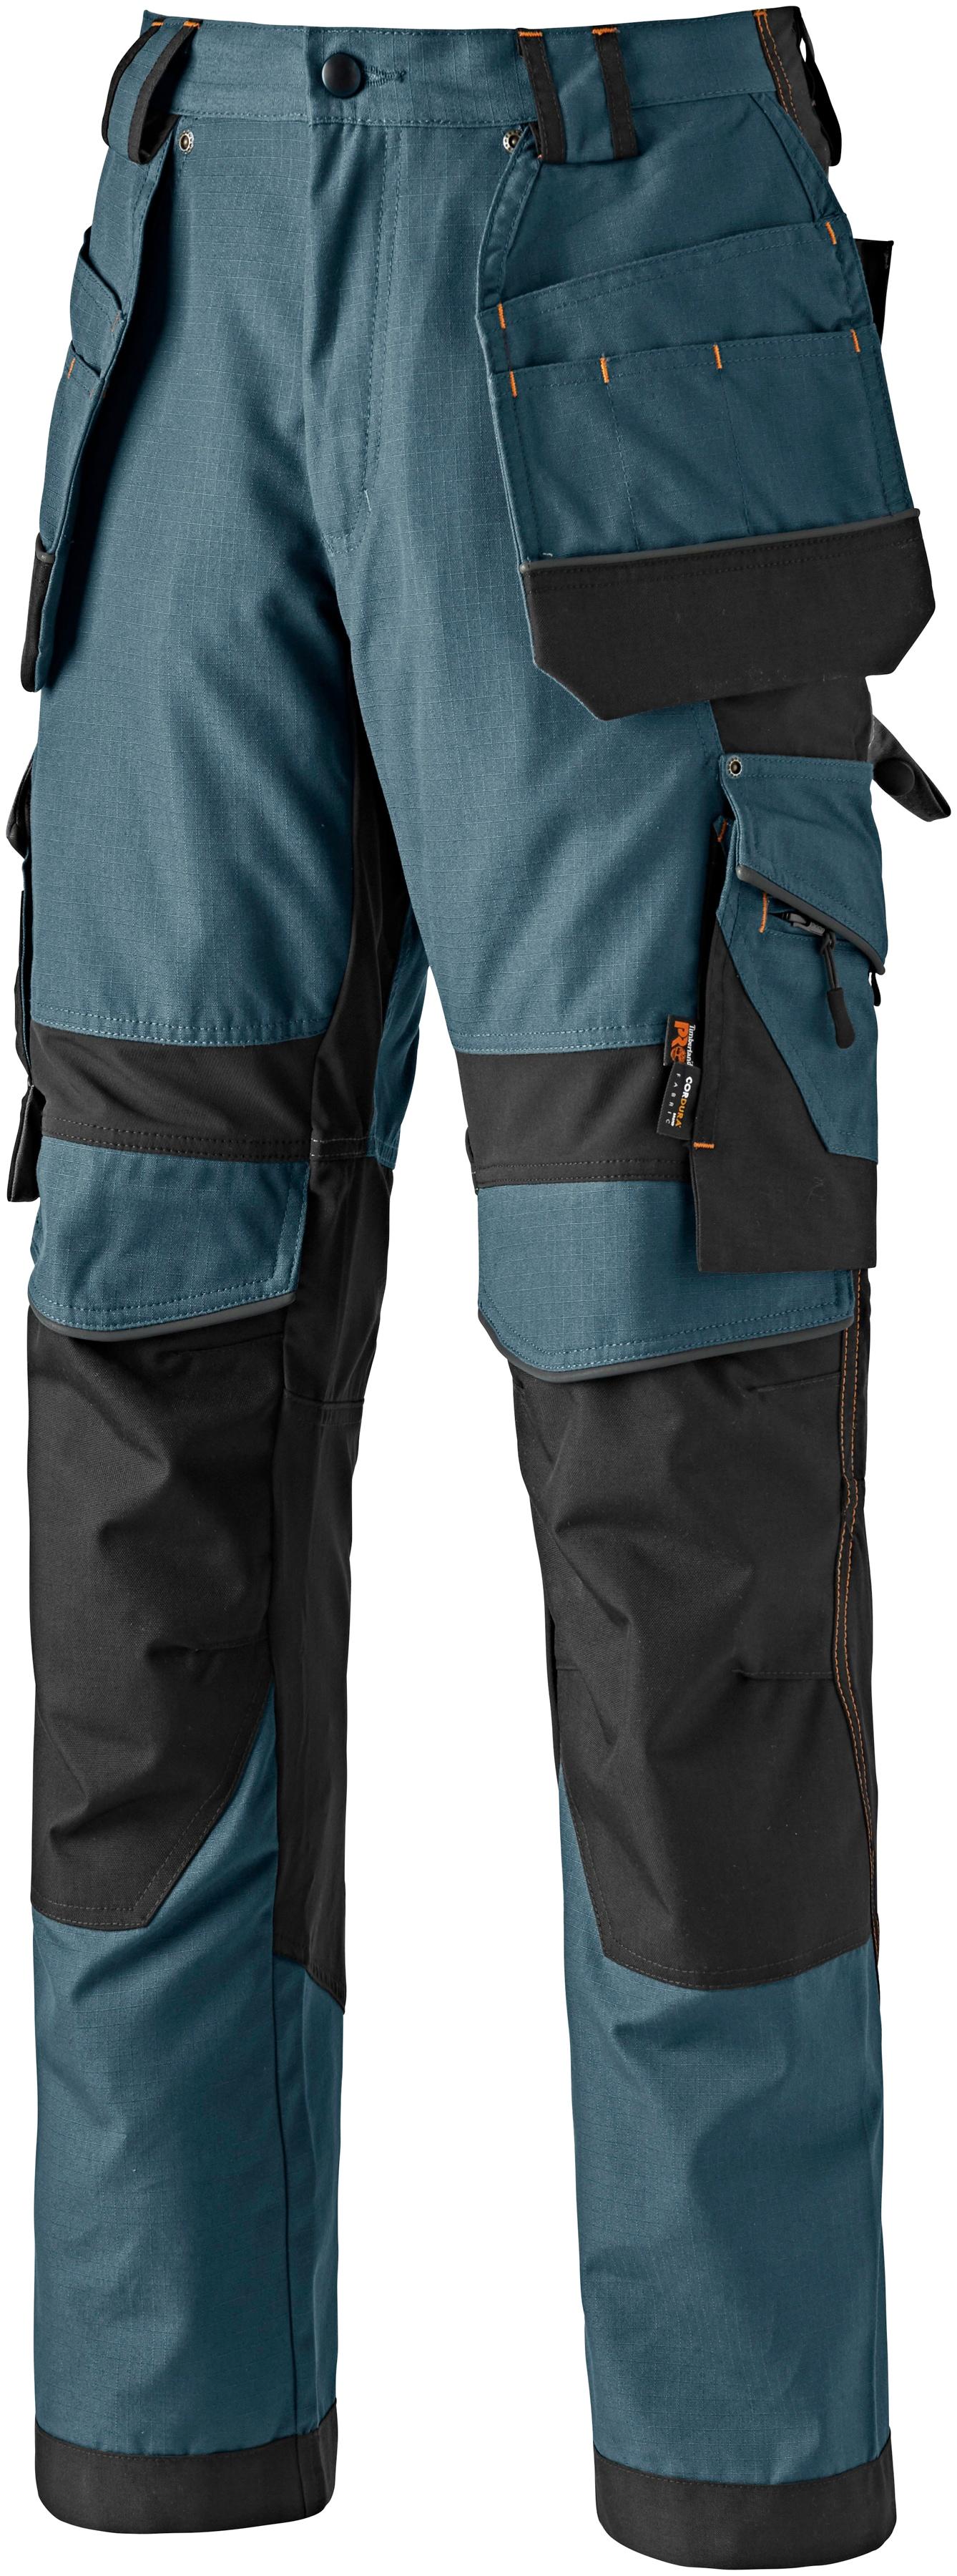 Timberland Pro Arbeitshose Interax, mit recycelten Materialien und Bio-Baumwolle blau Herren Arbeitshosen Arbeits- Berufsbekleidung